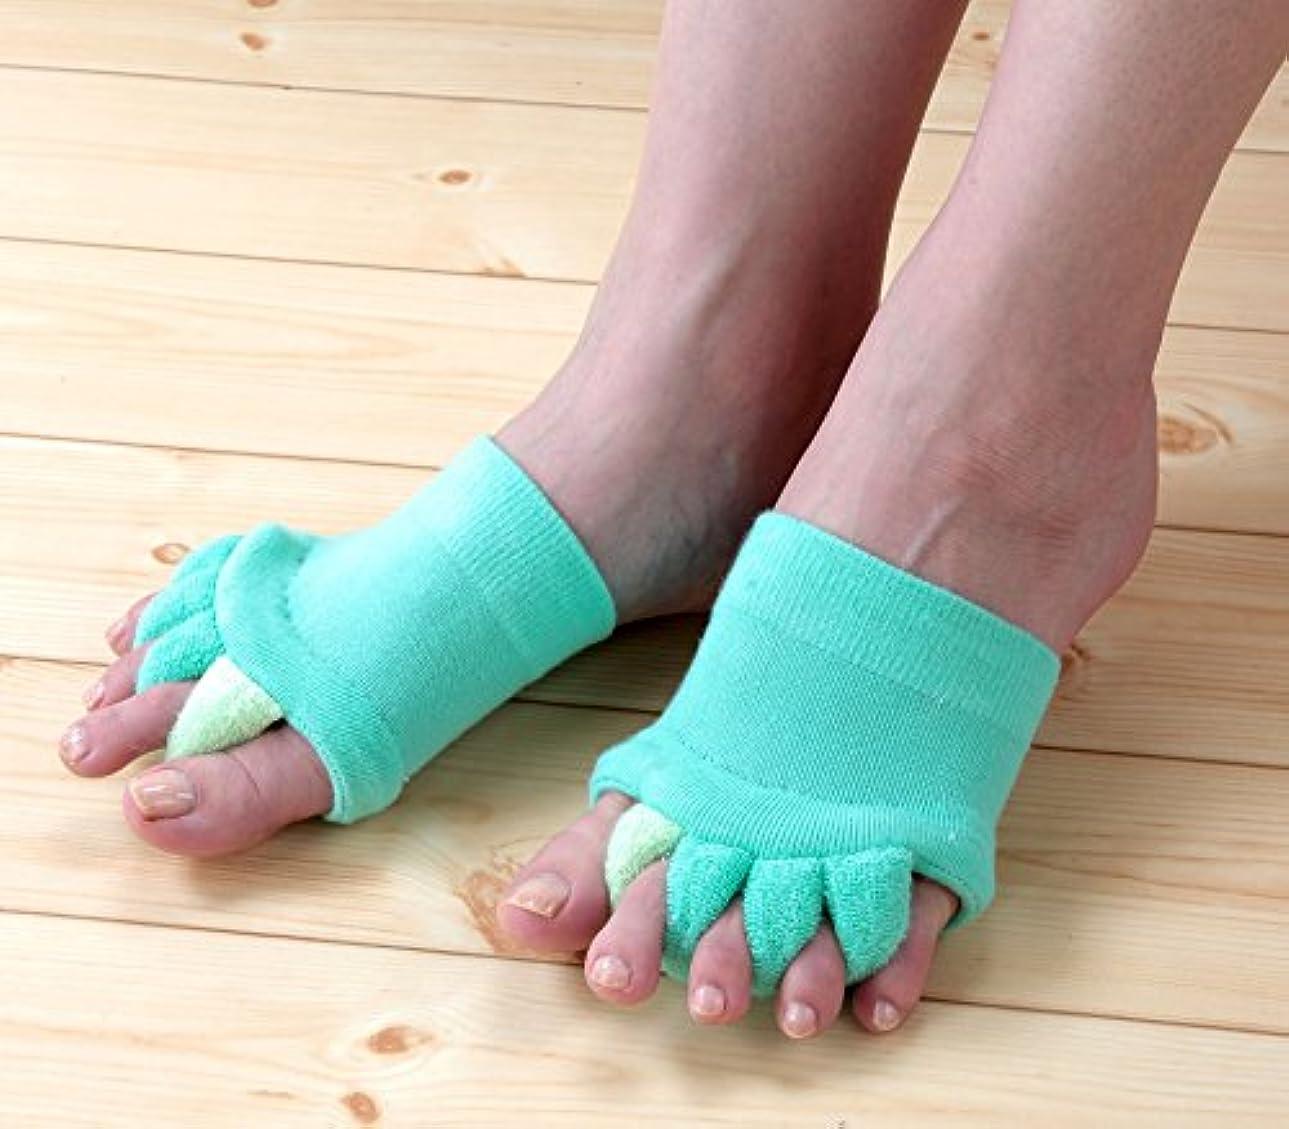 ほとんどない広範囲に釈義NEWふわふわ足指セパレータ 3色組